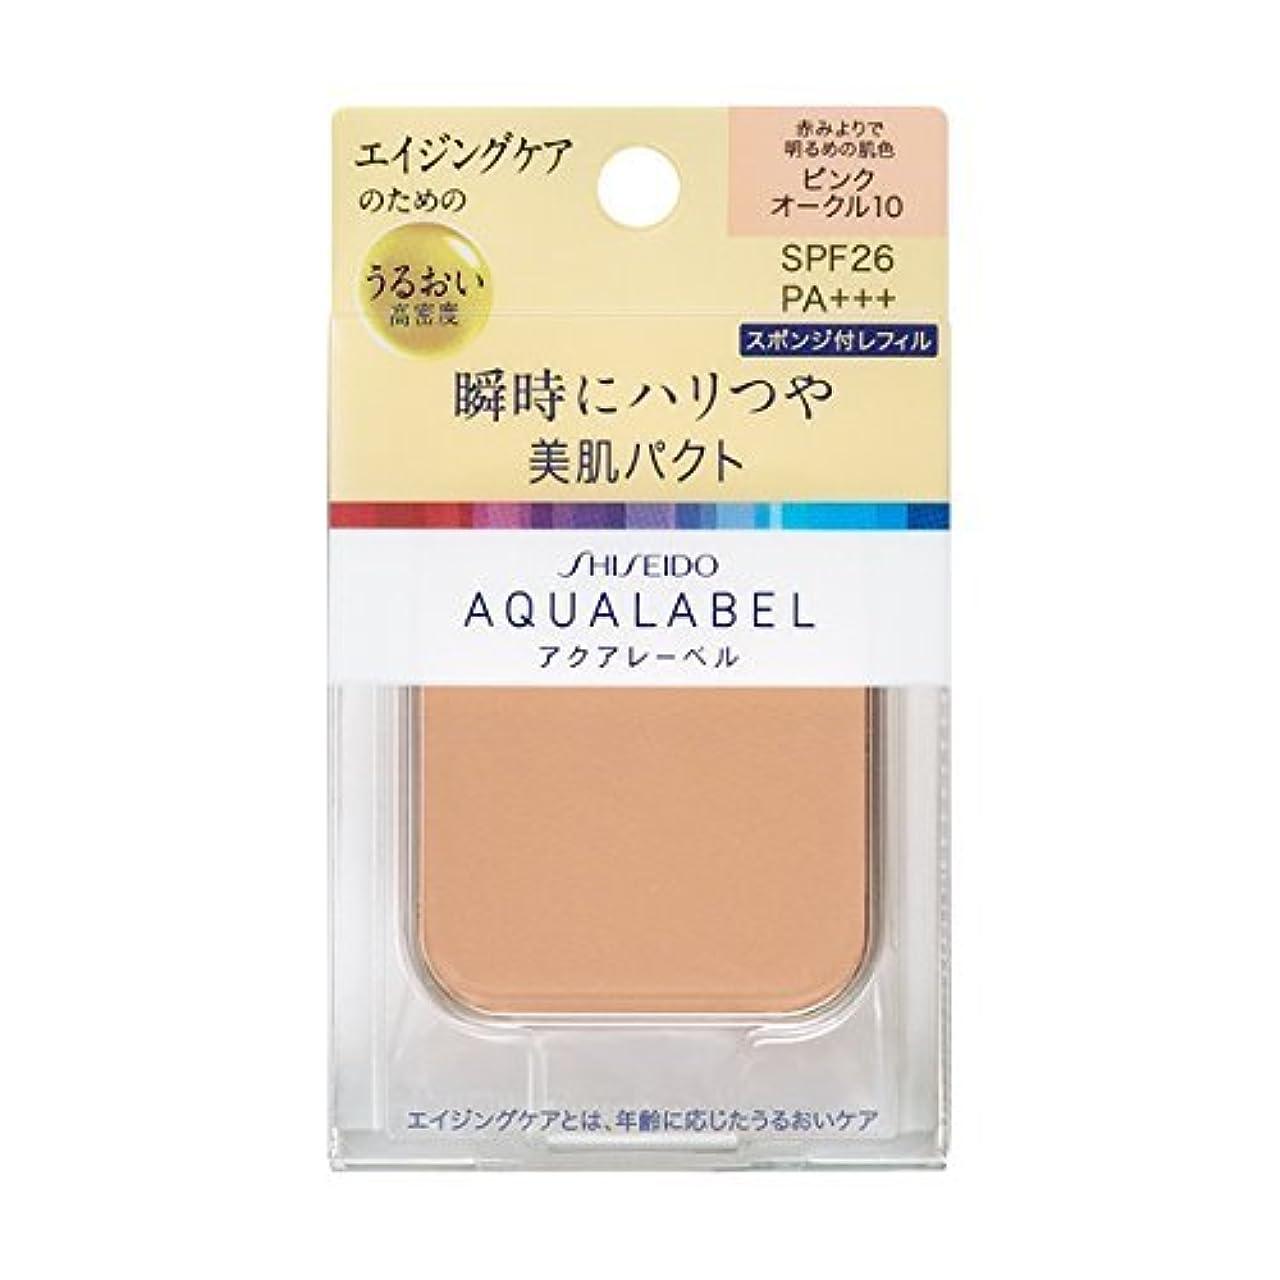 警告する成熟した目指すアクアレーベル 明るいつや肌パクト ピンクオークル10 (レフィル) 11.5g×6個